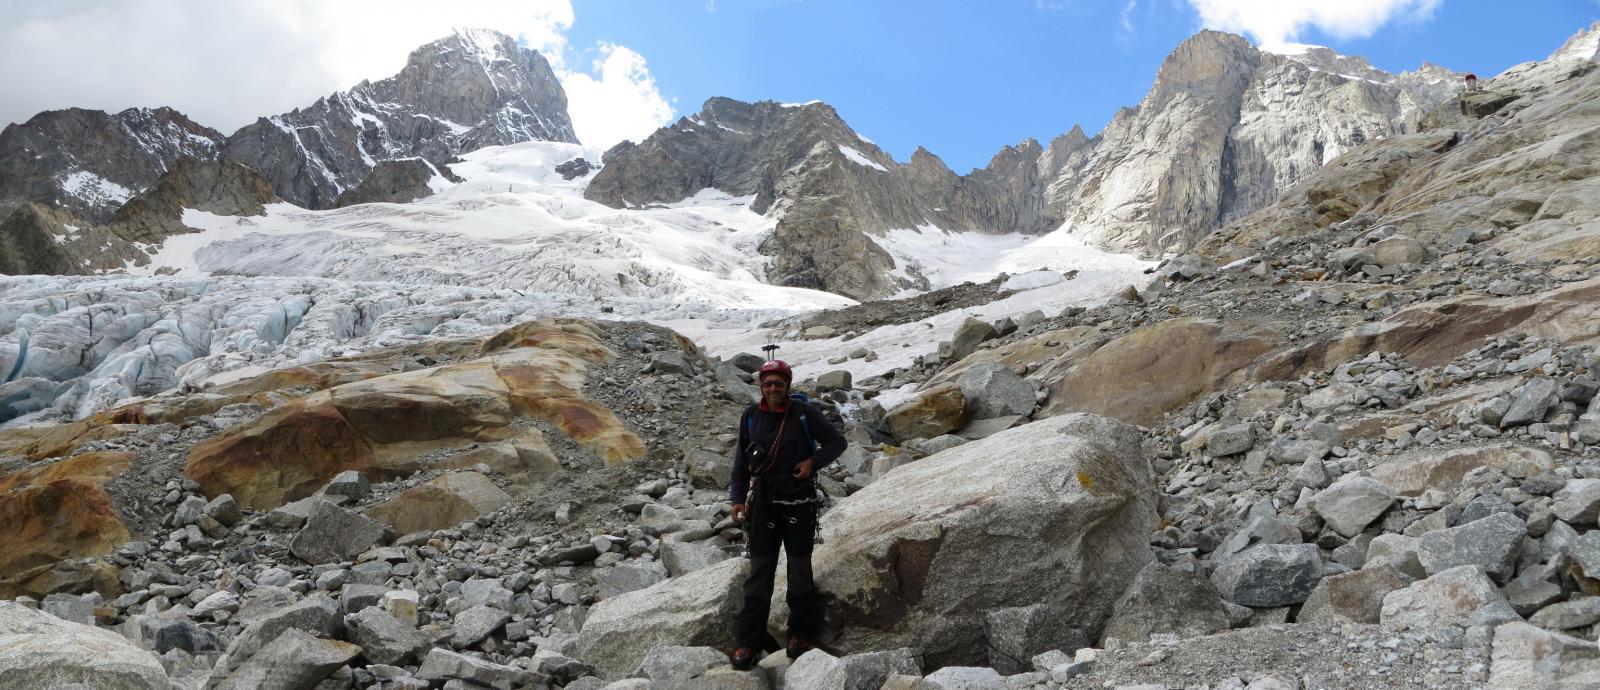 Panoramica del bacino glaciale del Freboudze